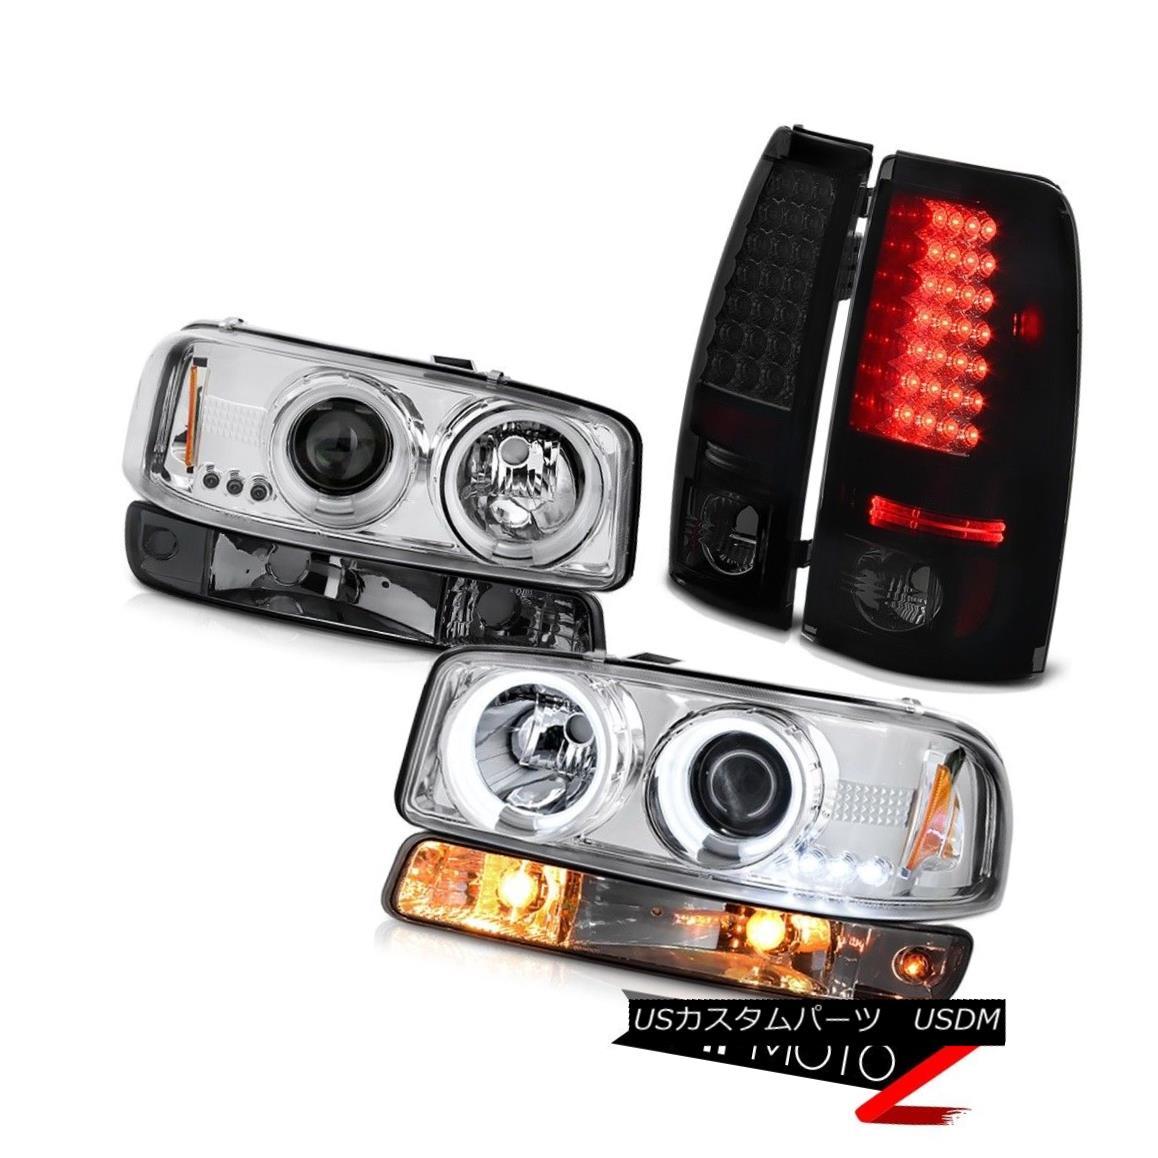 テールライト 99 00 01 02 Sierra SL LED tail brake lights smokey signal lamp ccfl headlights 99 00 01 02 Sierra SL LEDテールブレーキライトスモーシグナルランプccflヘッドライト